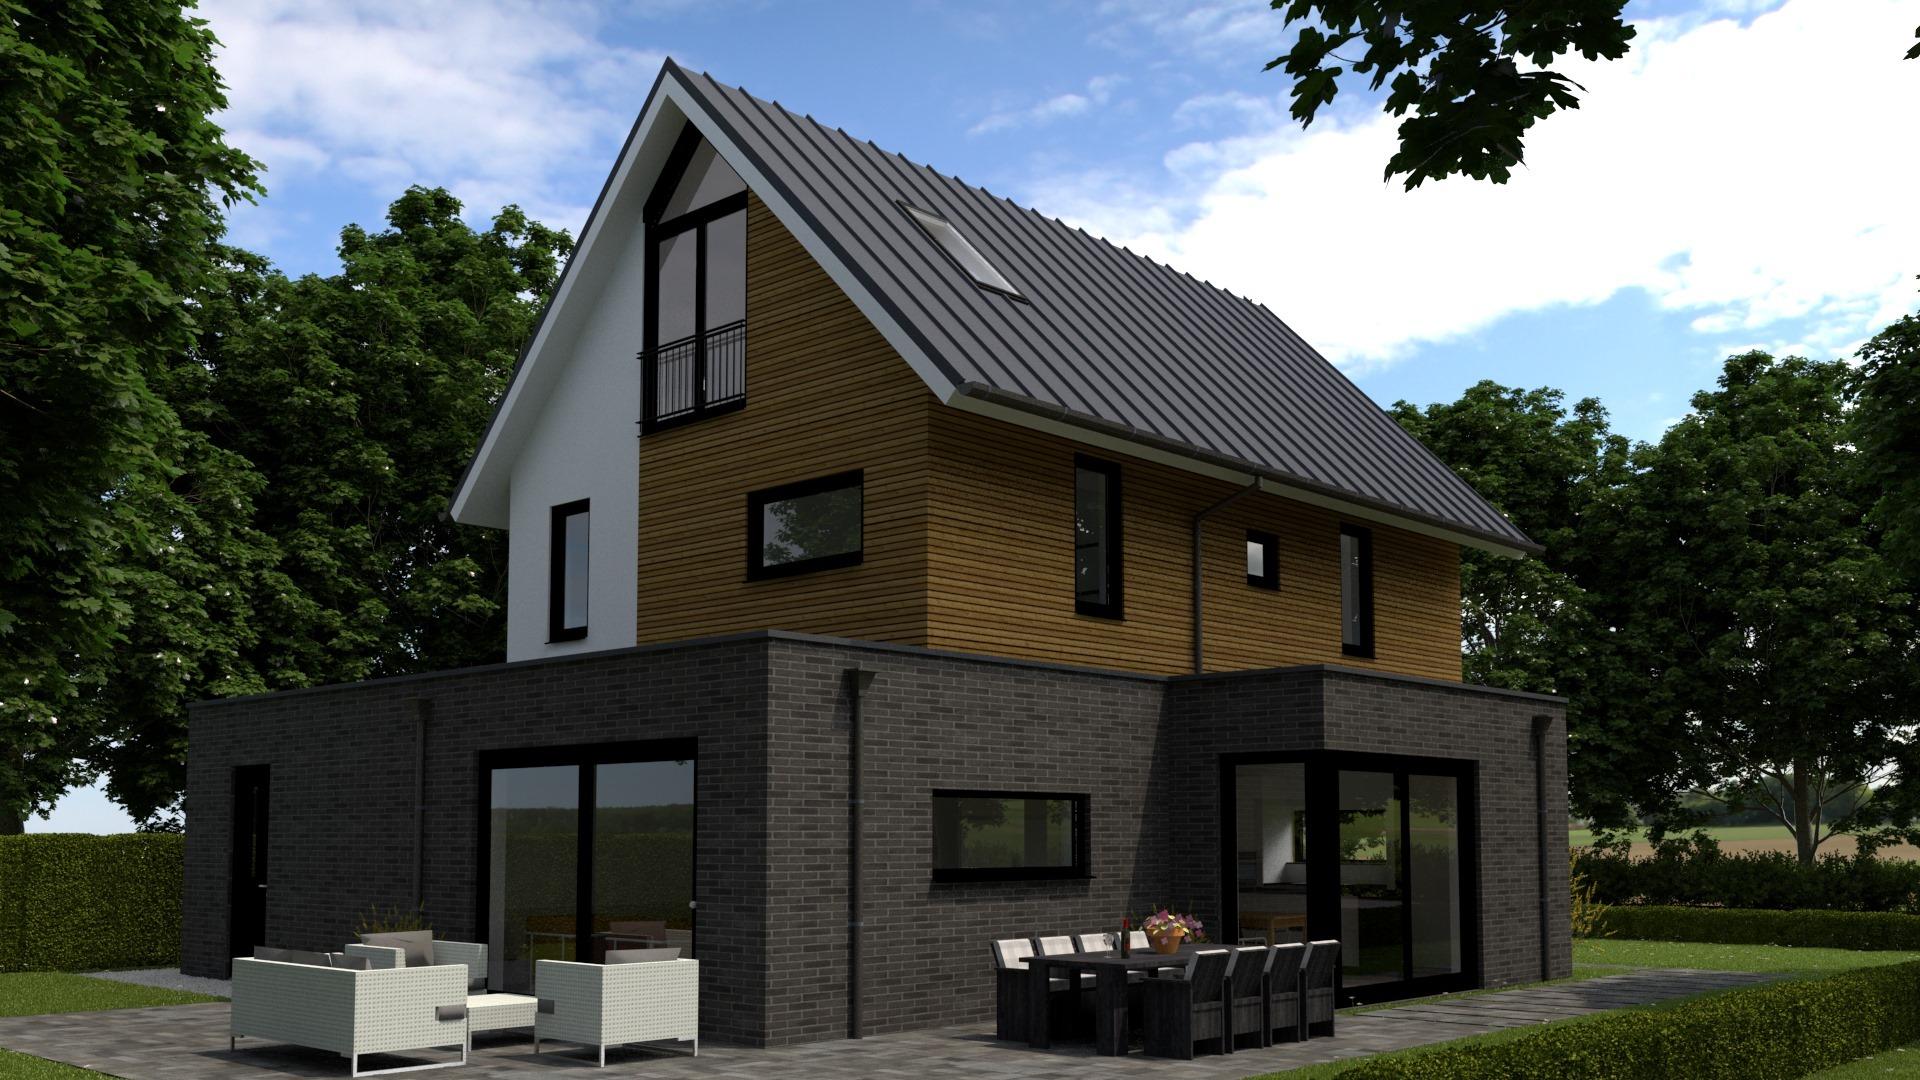 Contact voor een prefab huis bouwen